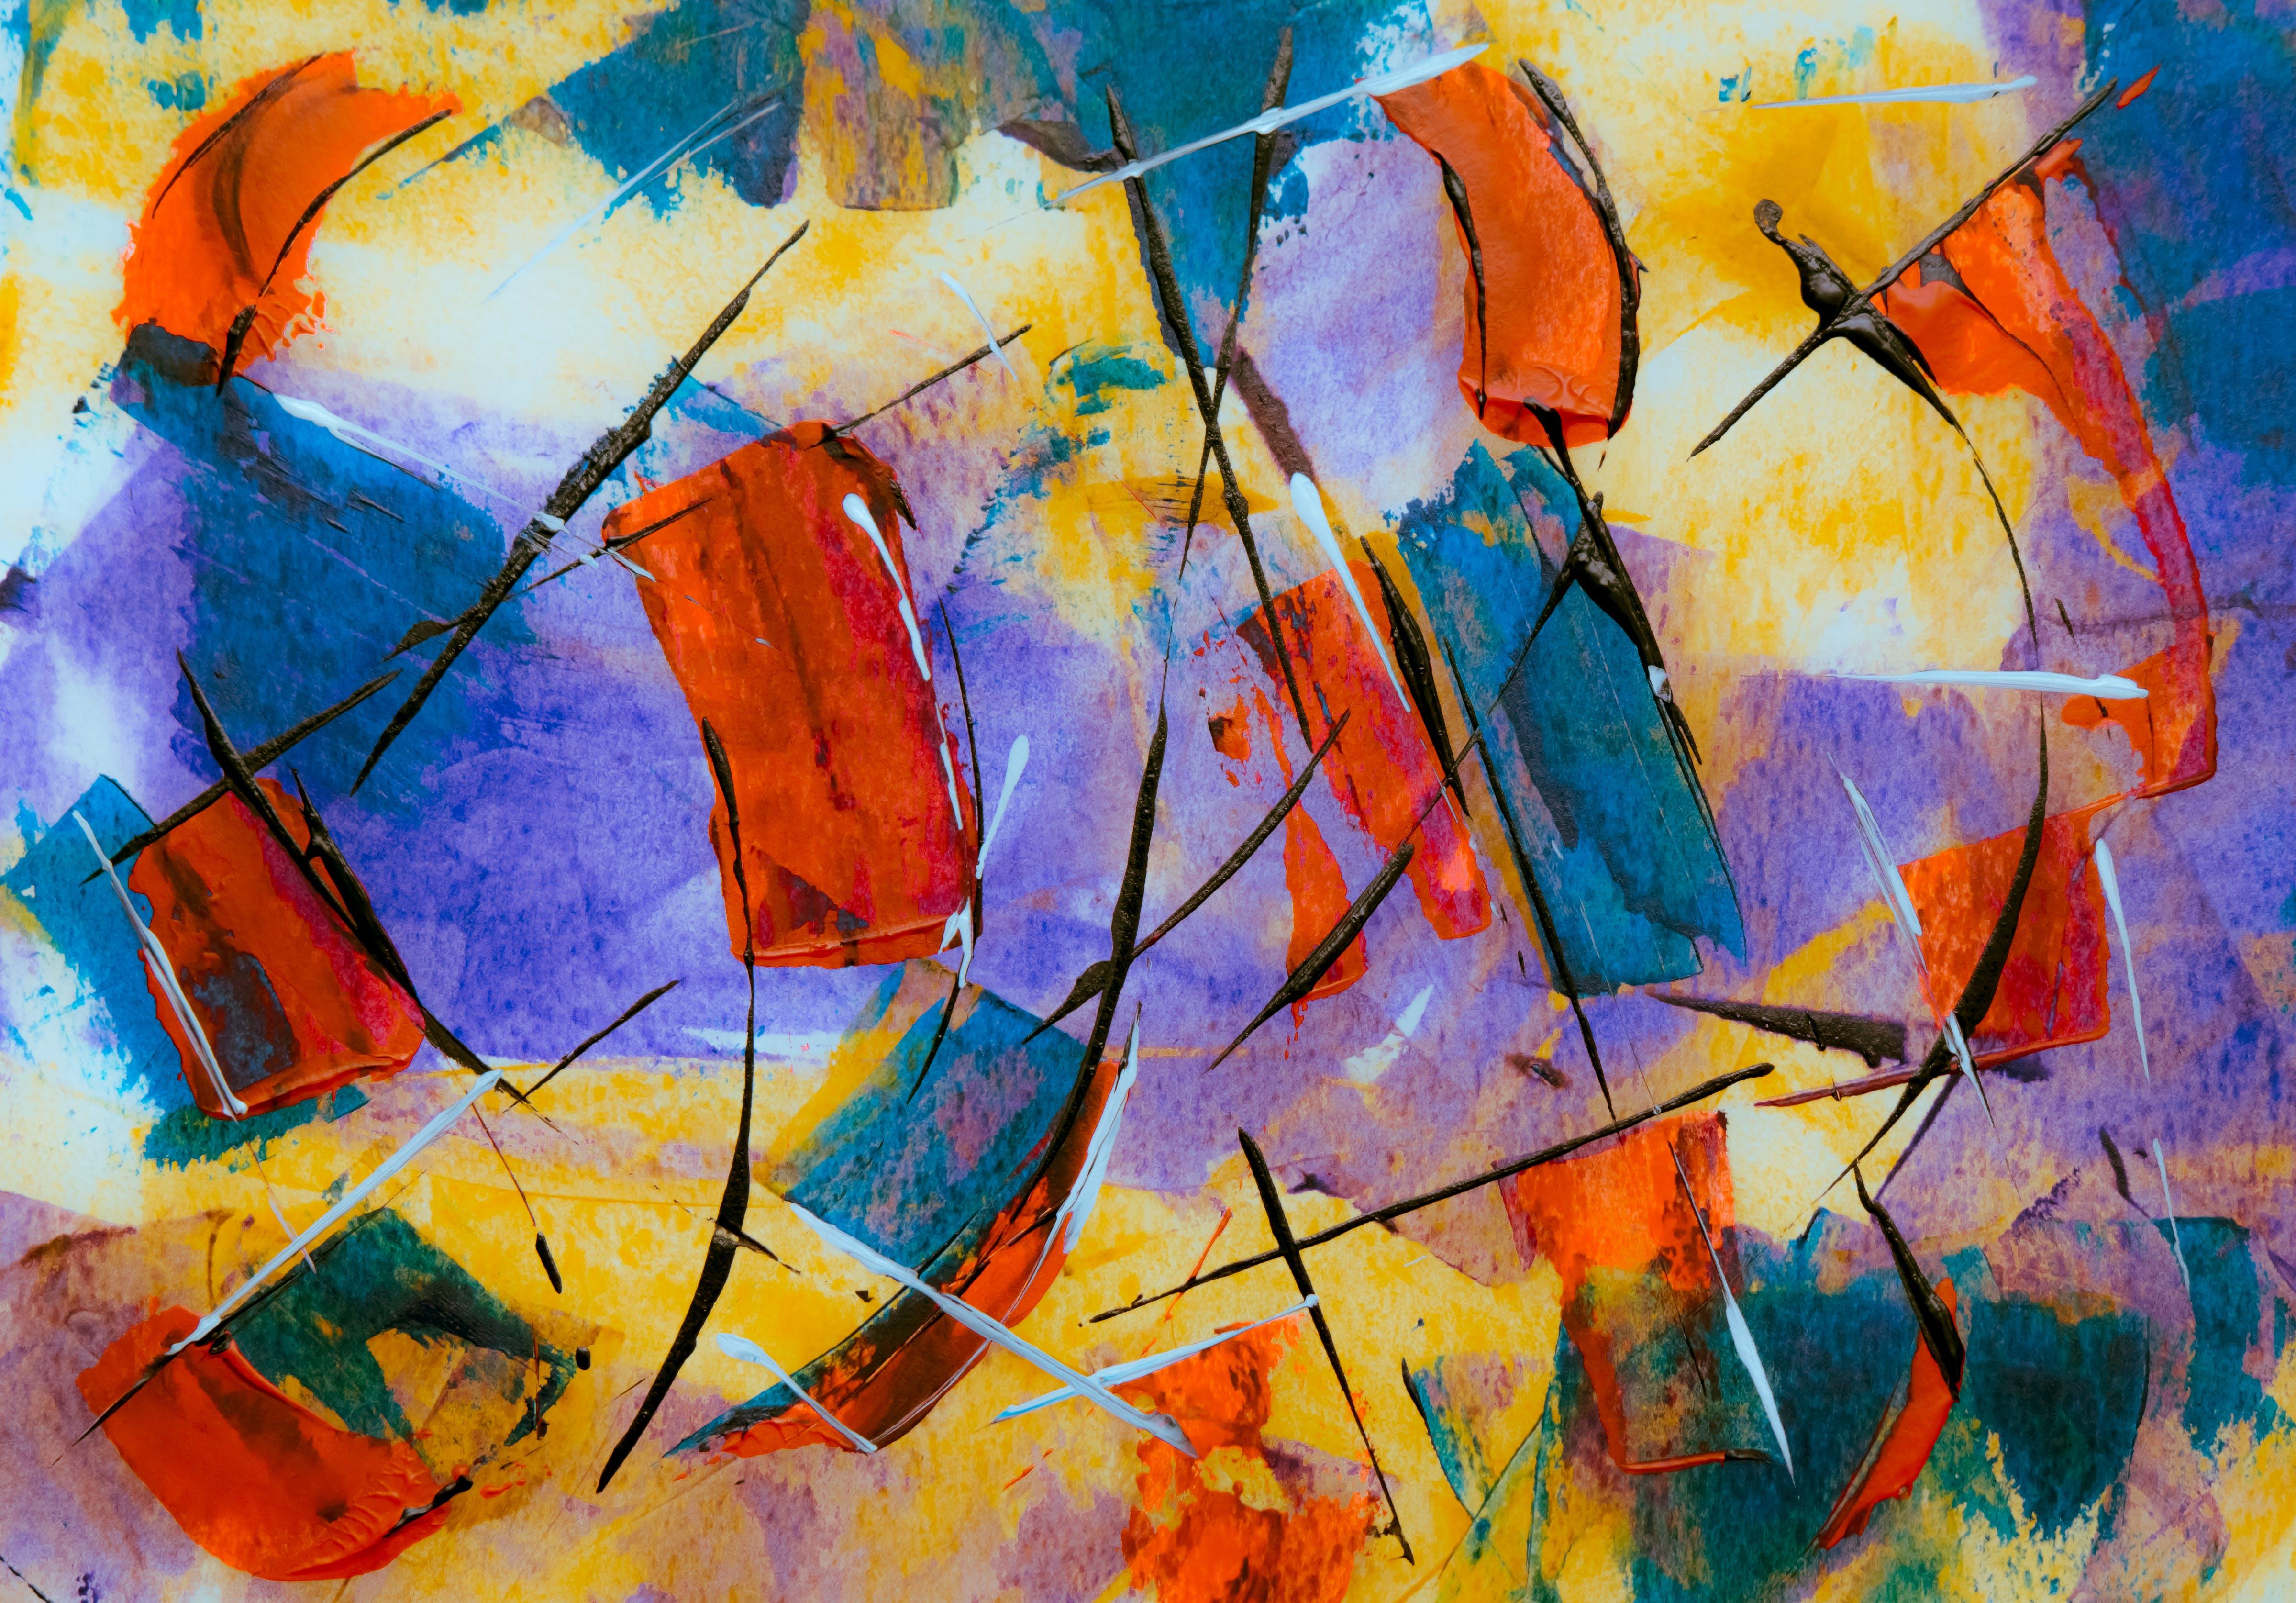 Immagine gratuita di acquerello, acrilico, arte, arte contemporanea